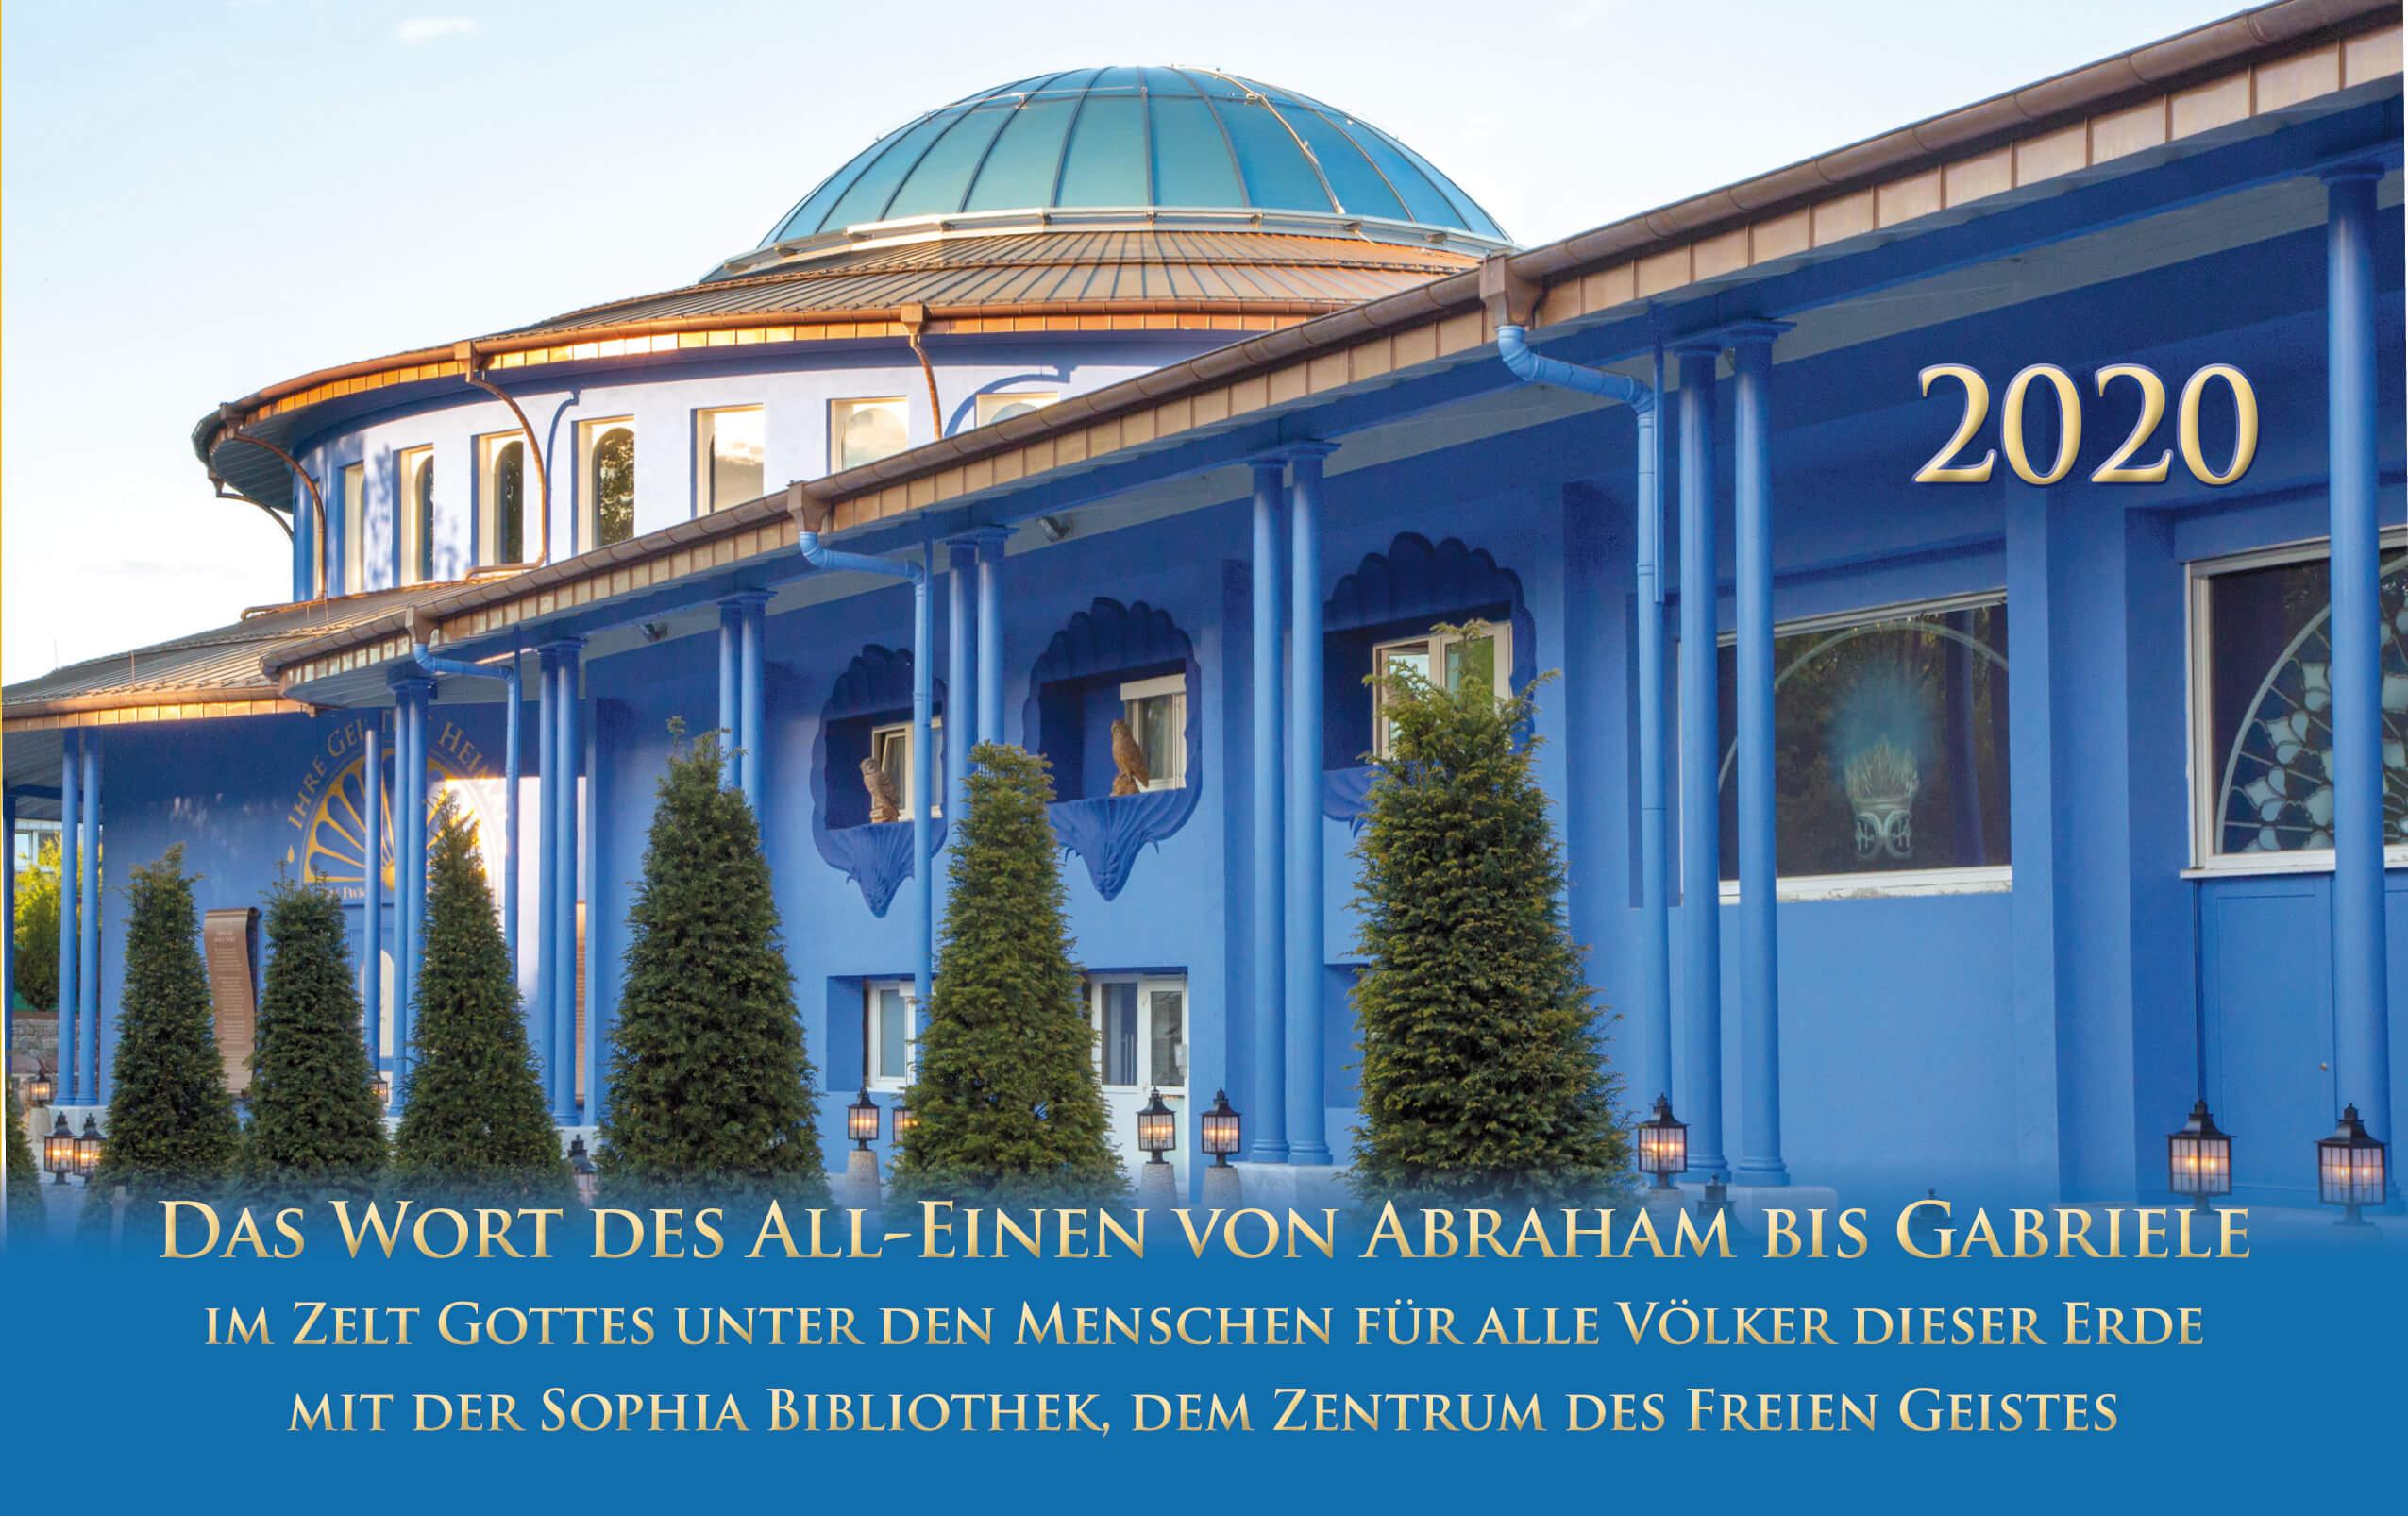 Namizni koledar 2020 - Biblioteka Sophia